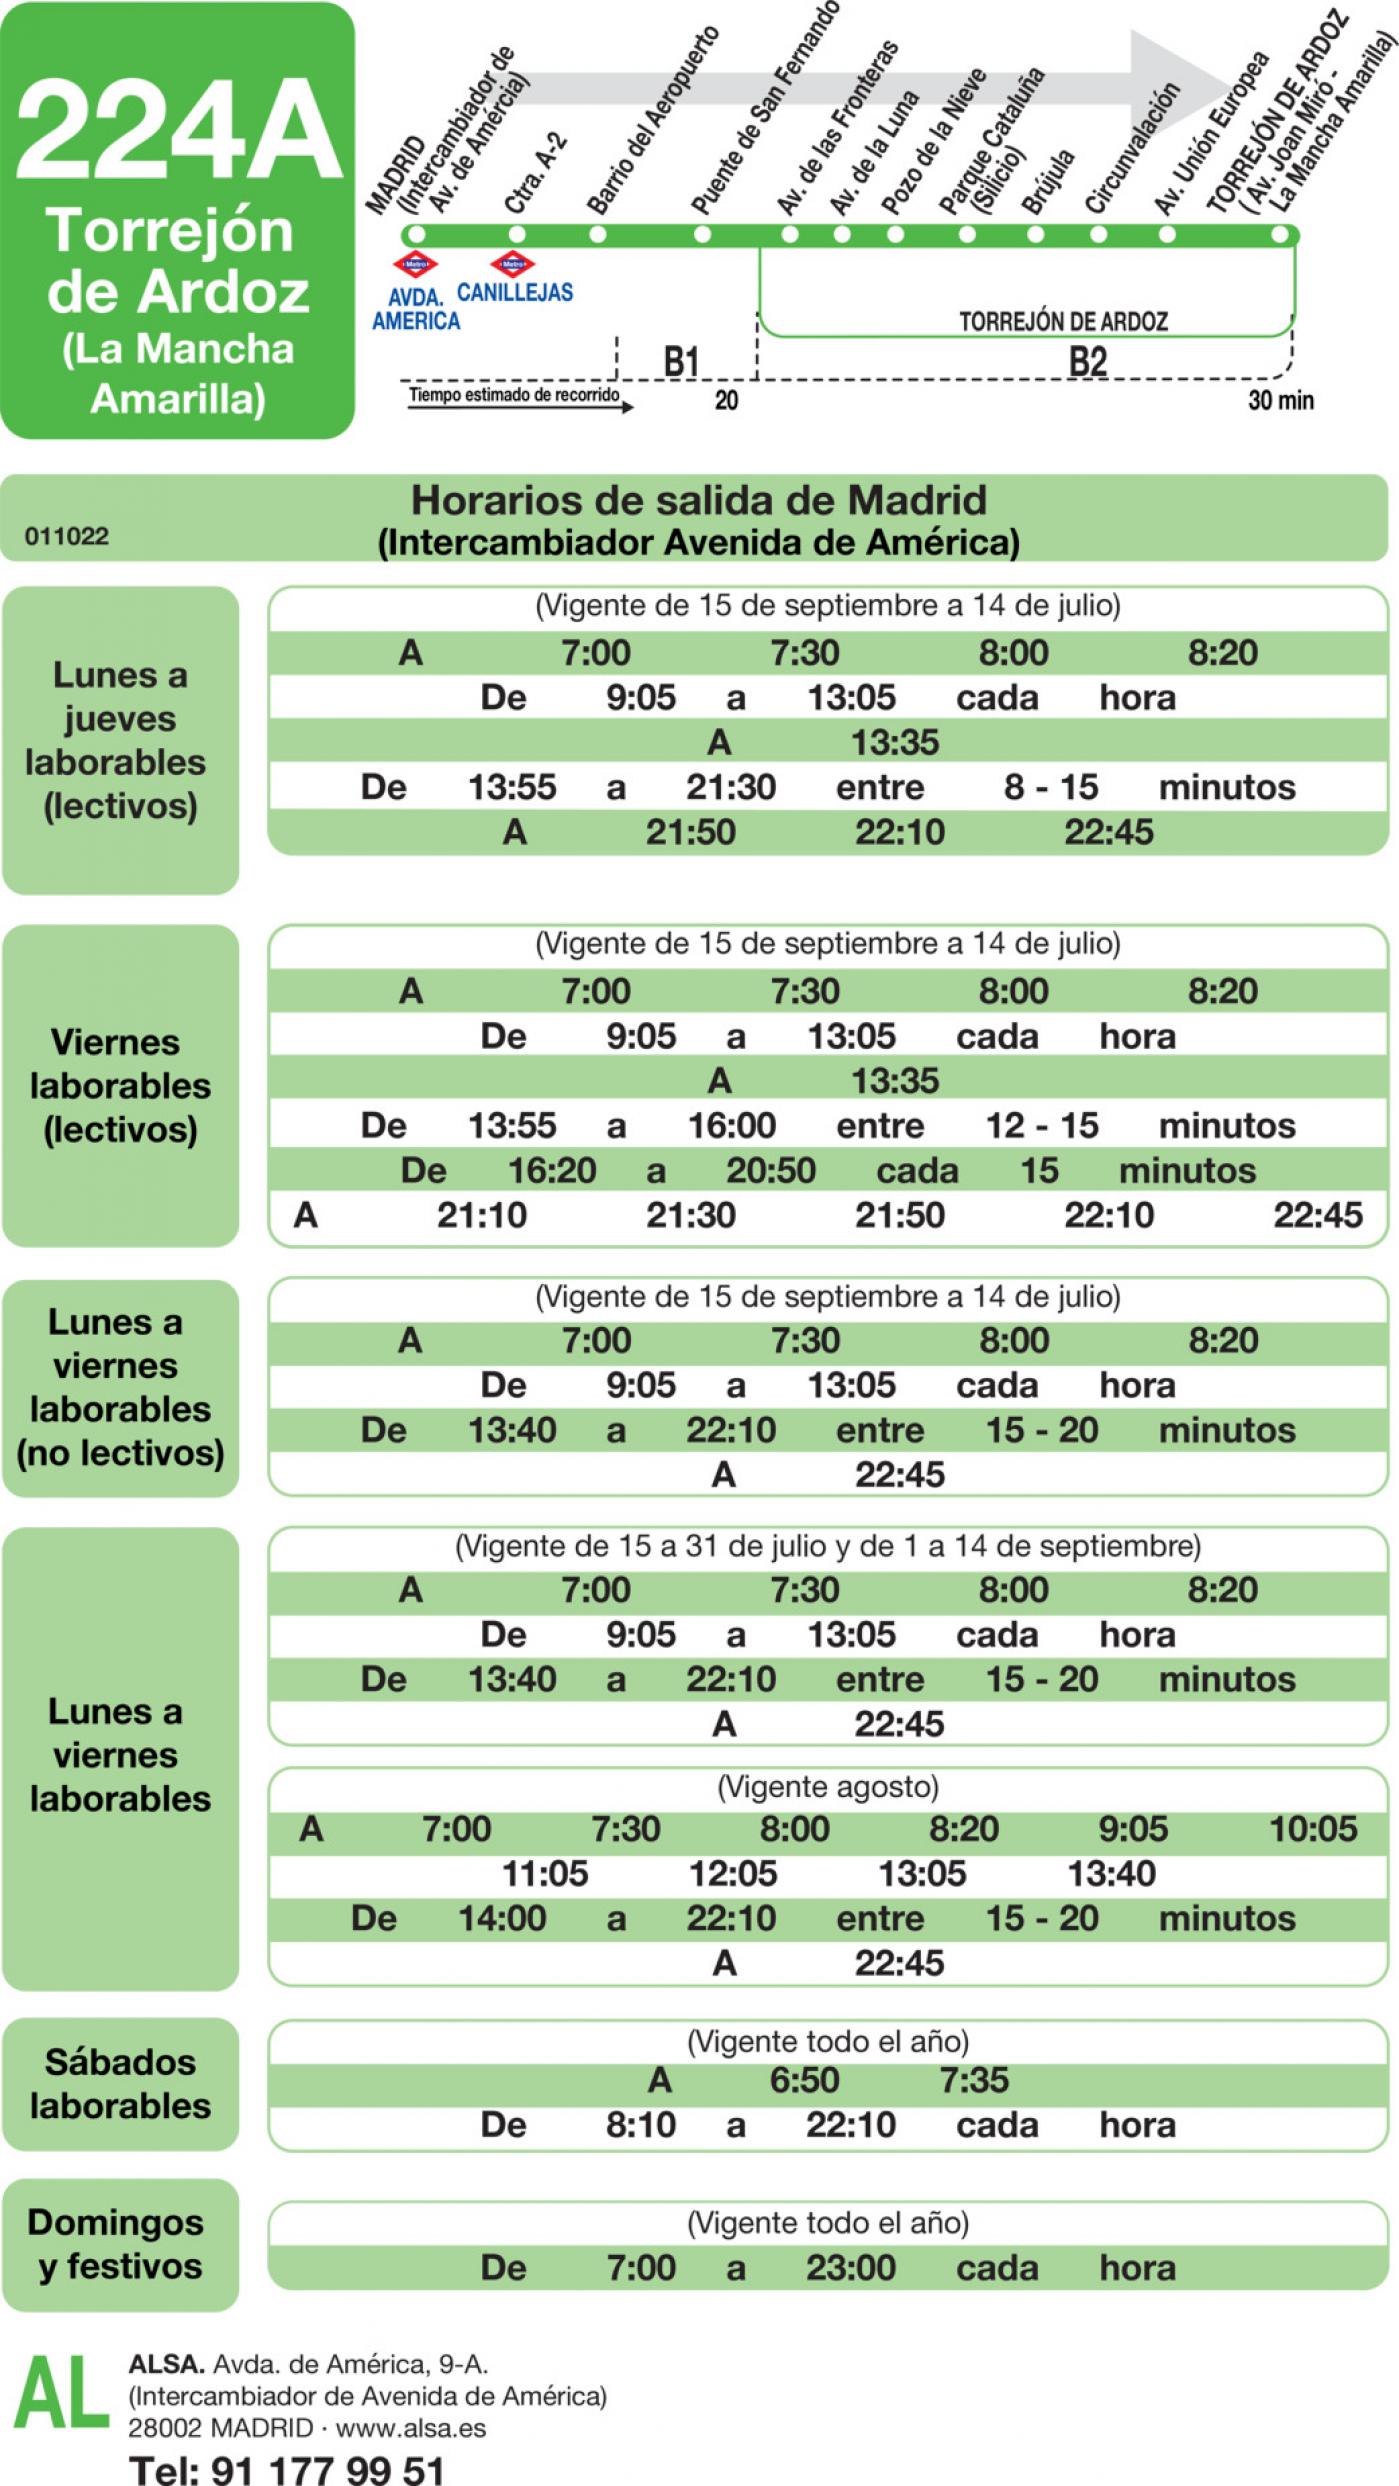 Tabla de horarios y frecuencias de paso en sentido ida Línea 224-A: Madrid (Avenida América) - Torrejón de Ardoz (La Mancha Amarilla)